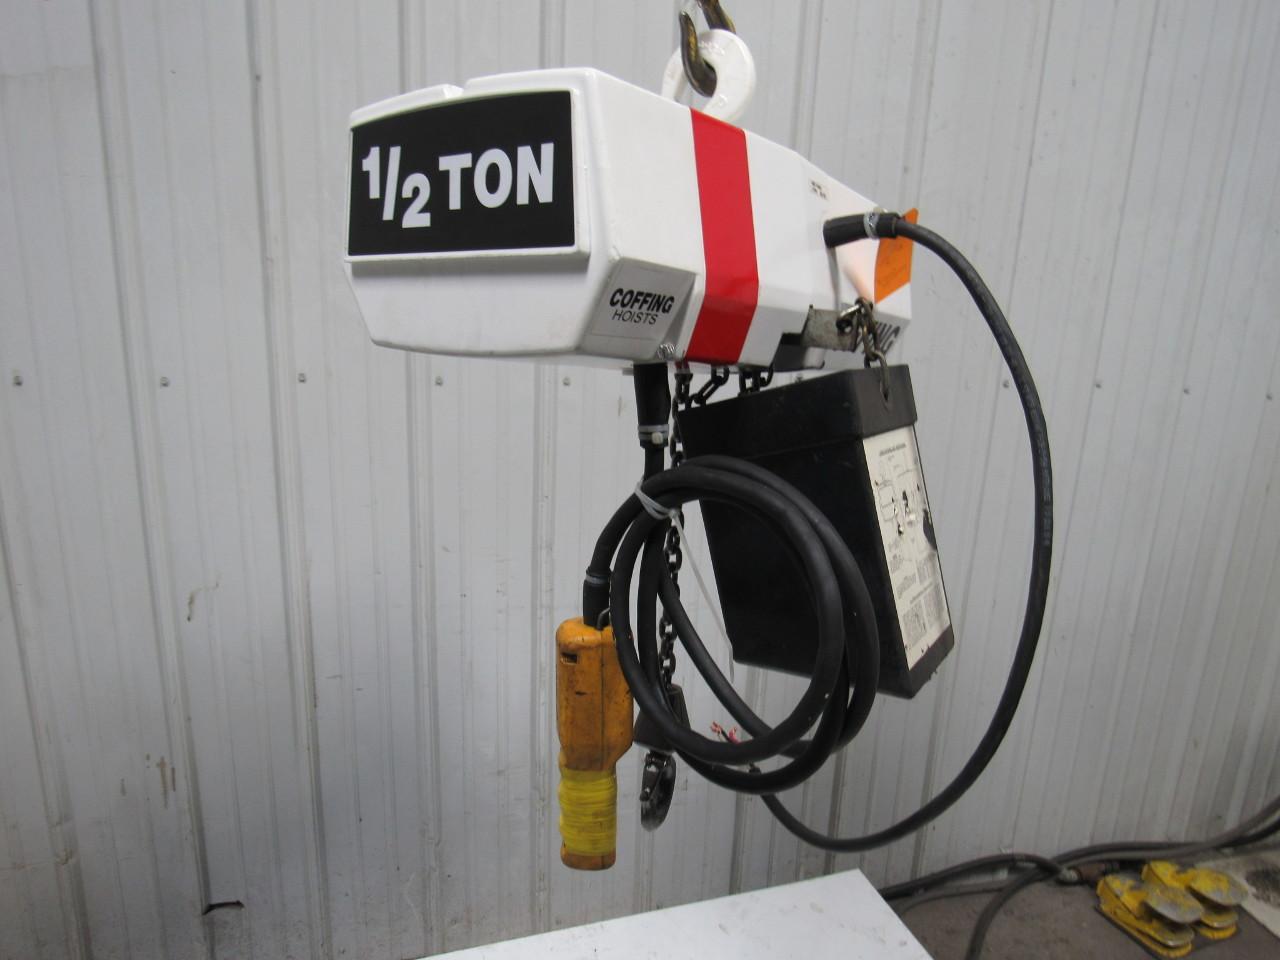 coffing 1 2 ton hoist parts diagram coffing ec1032.4 1/2 ton electric chain hoist 11'lift@ 10 ... #9